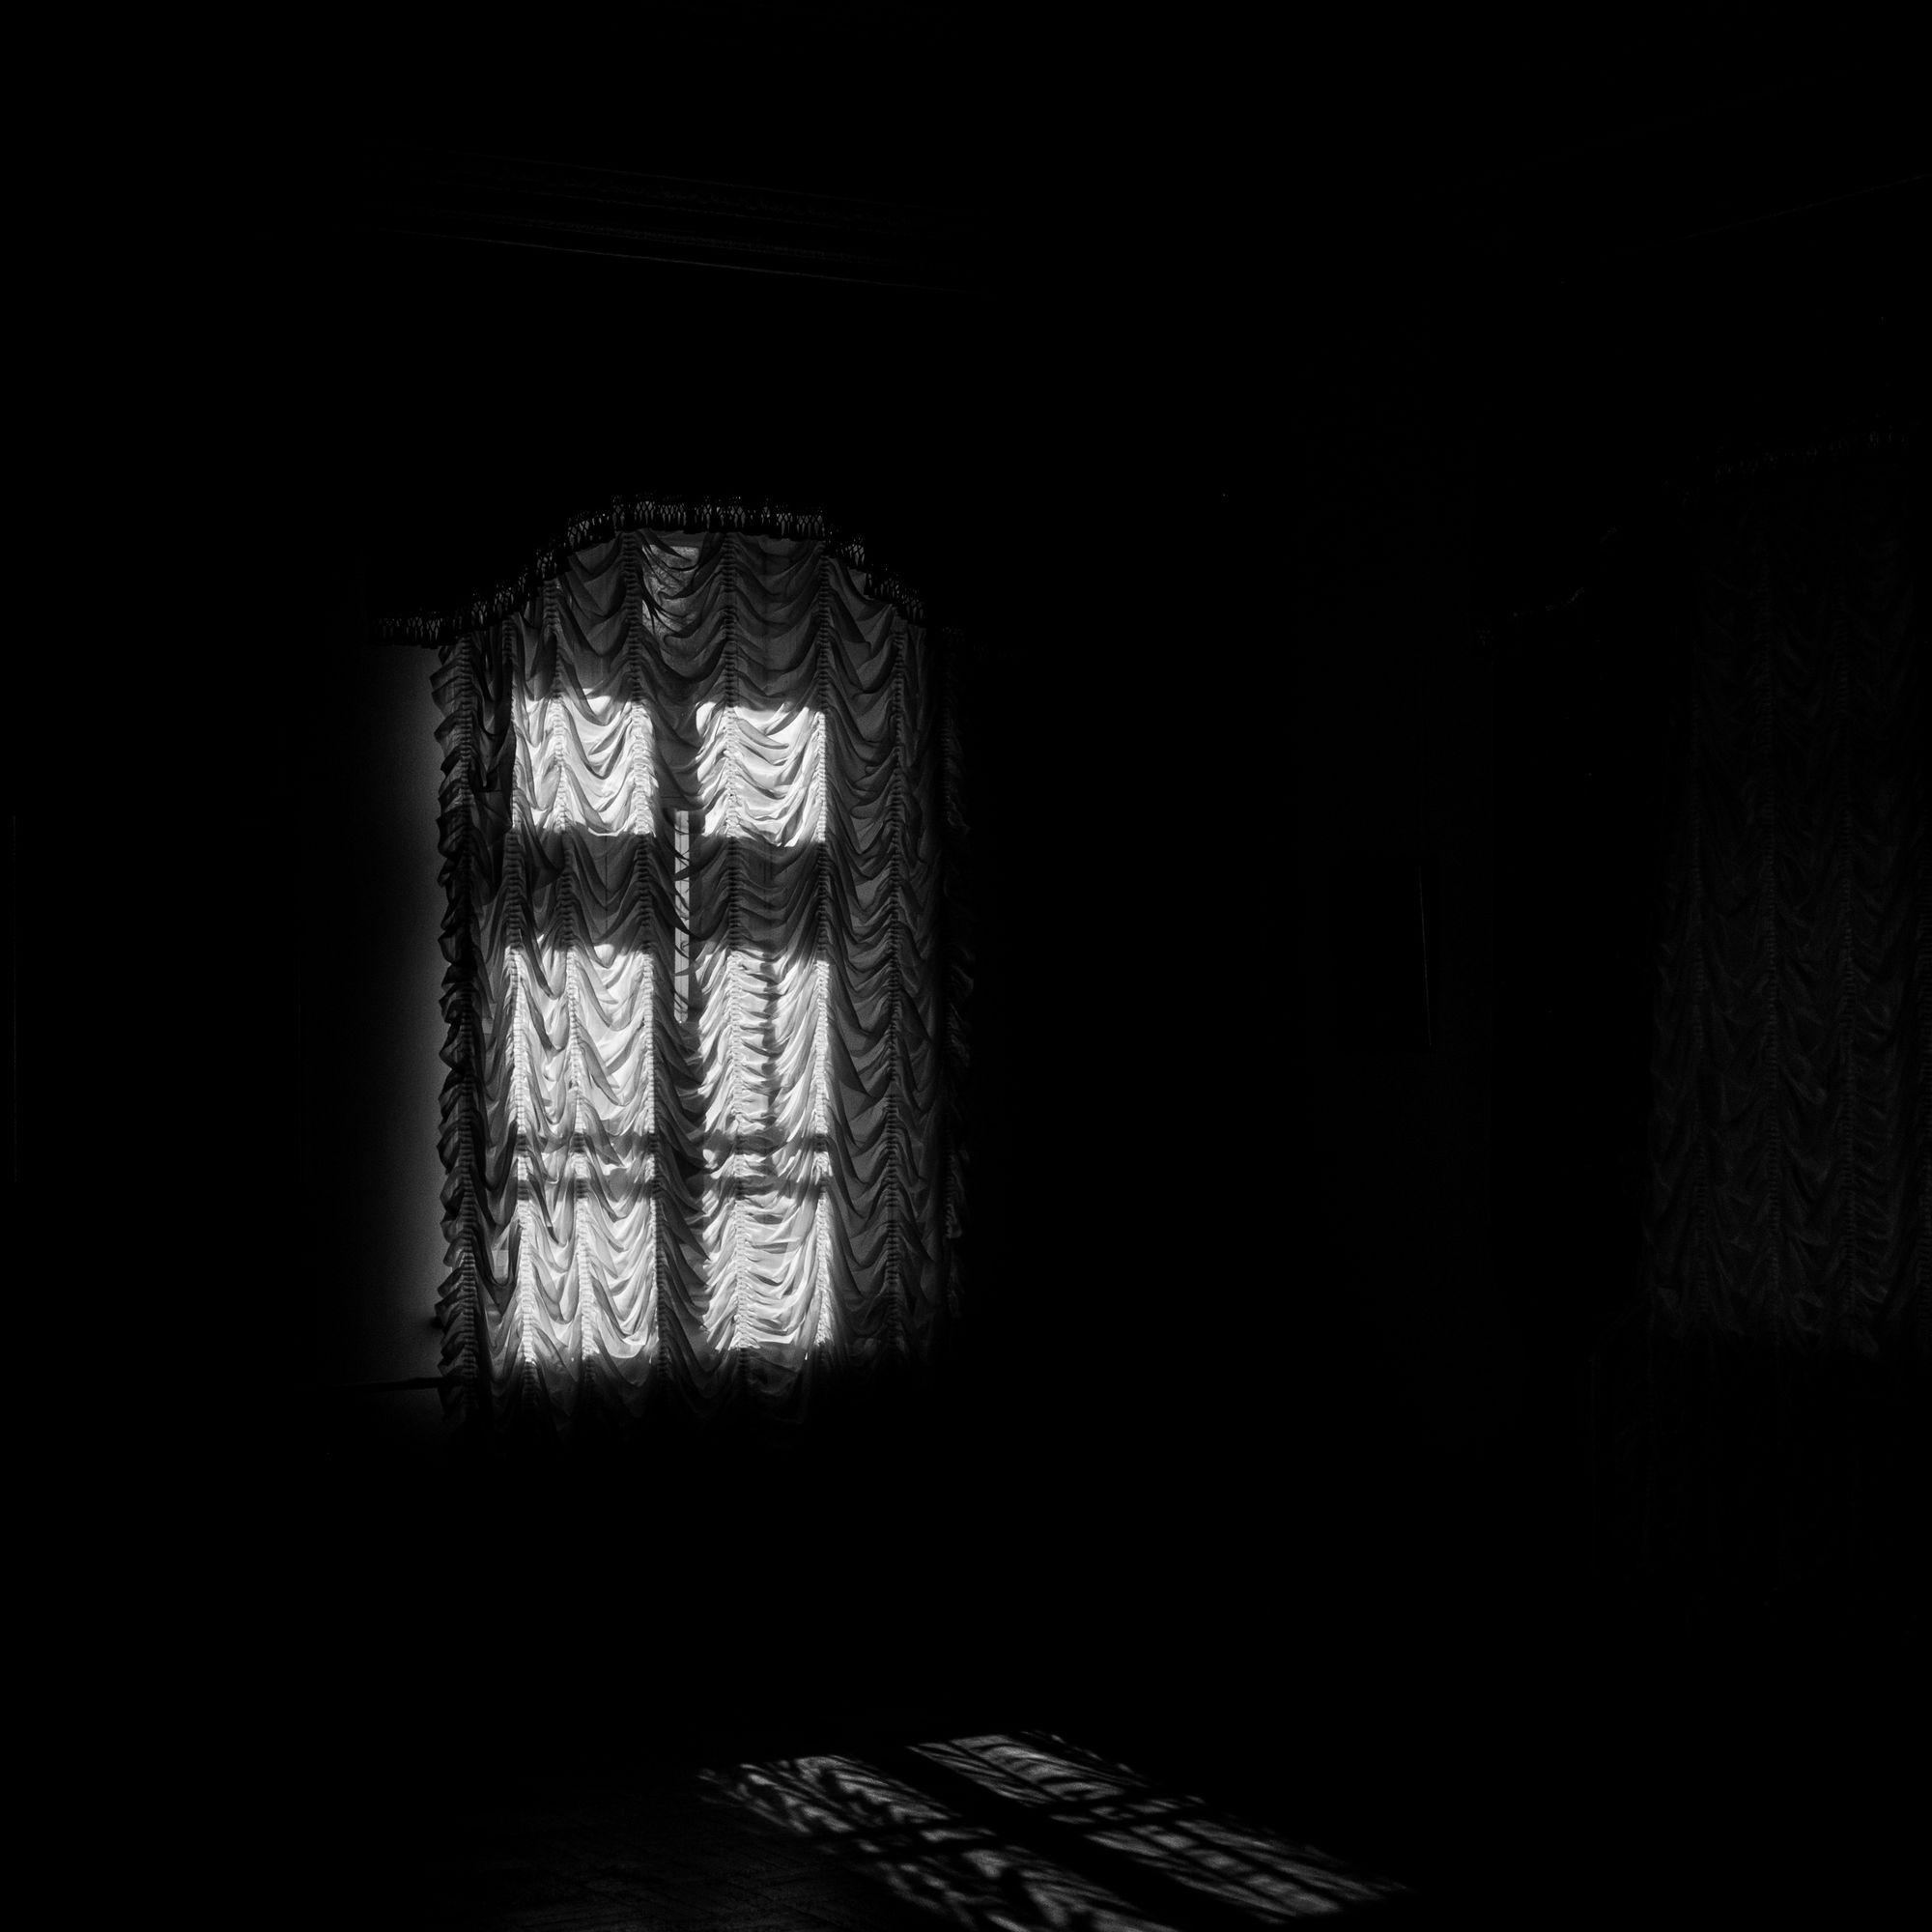 Вікна замку в Качанівці - Photo by Oleksii Marchenko